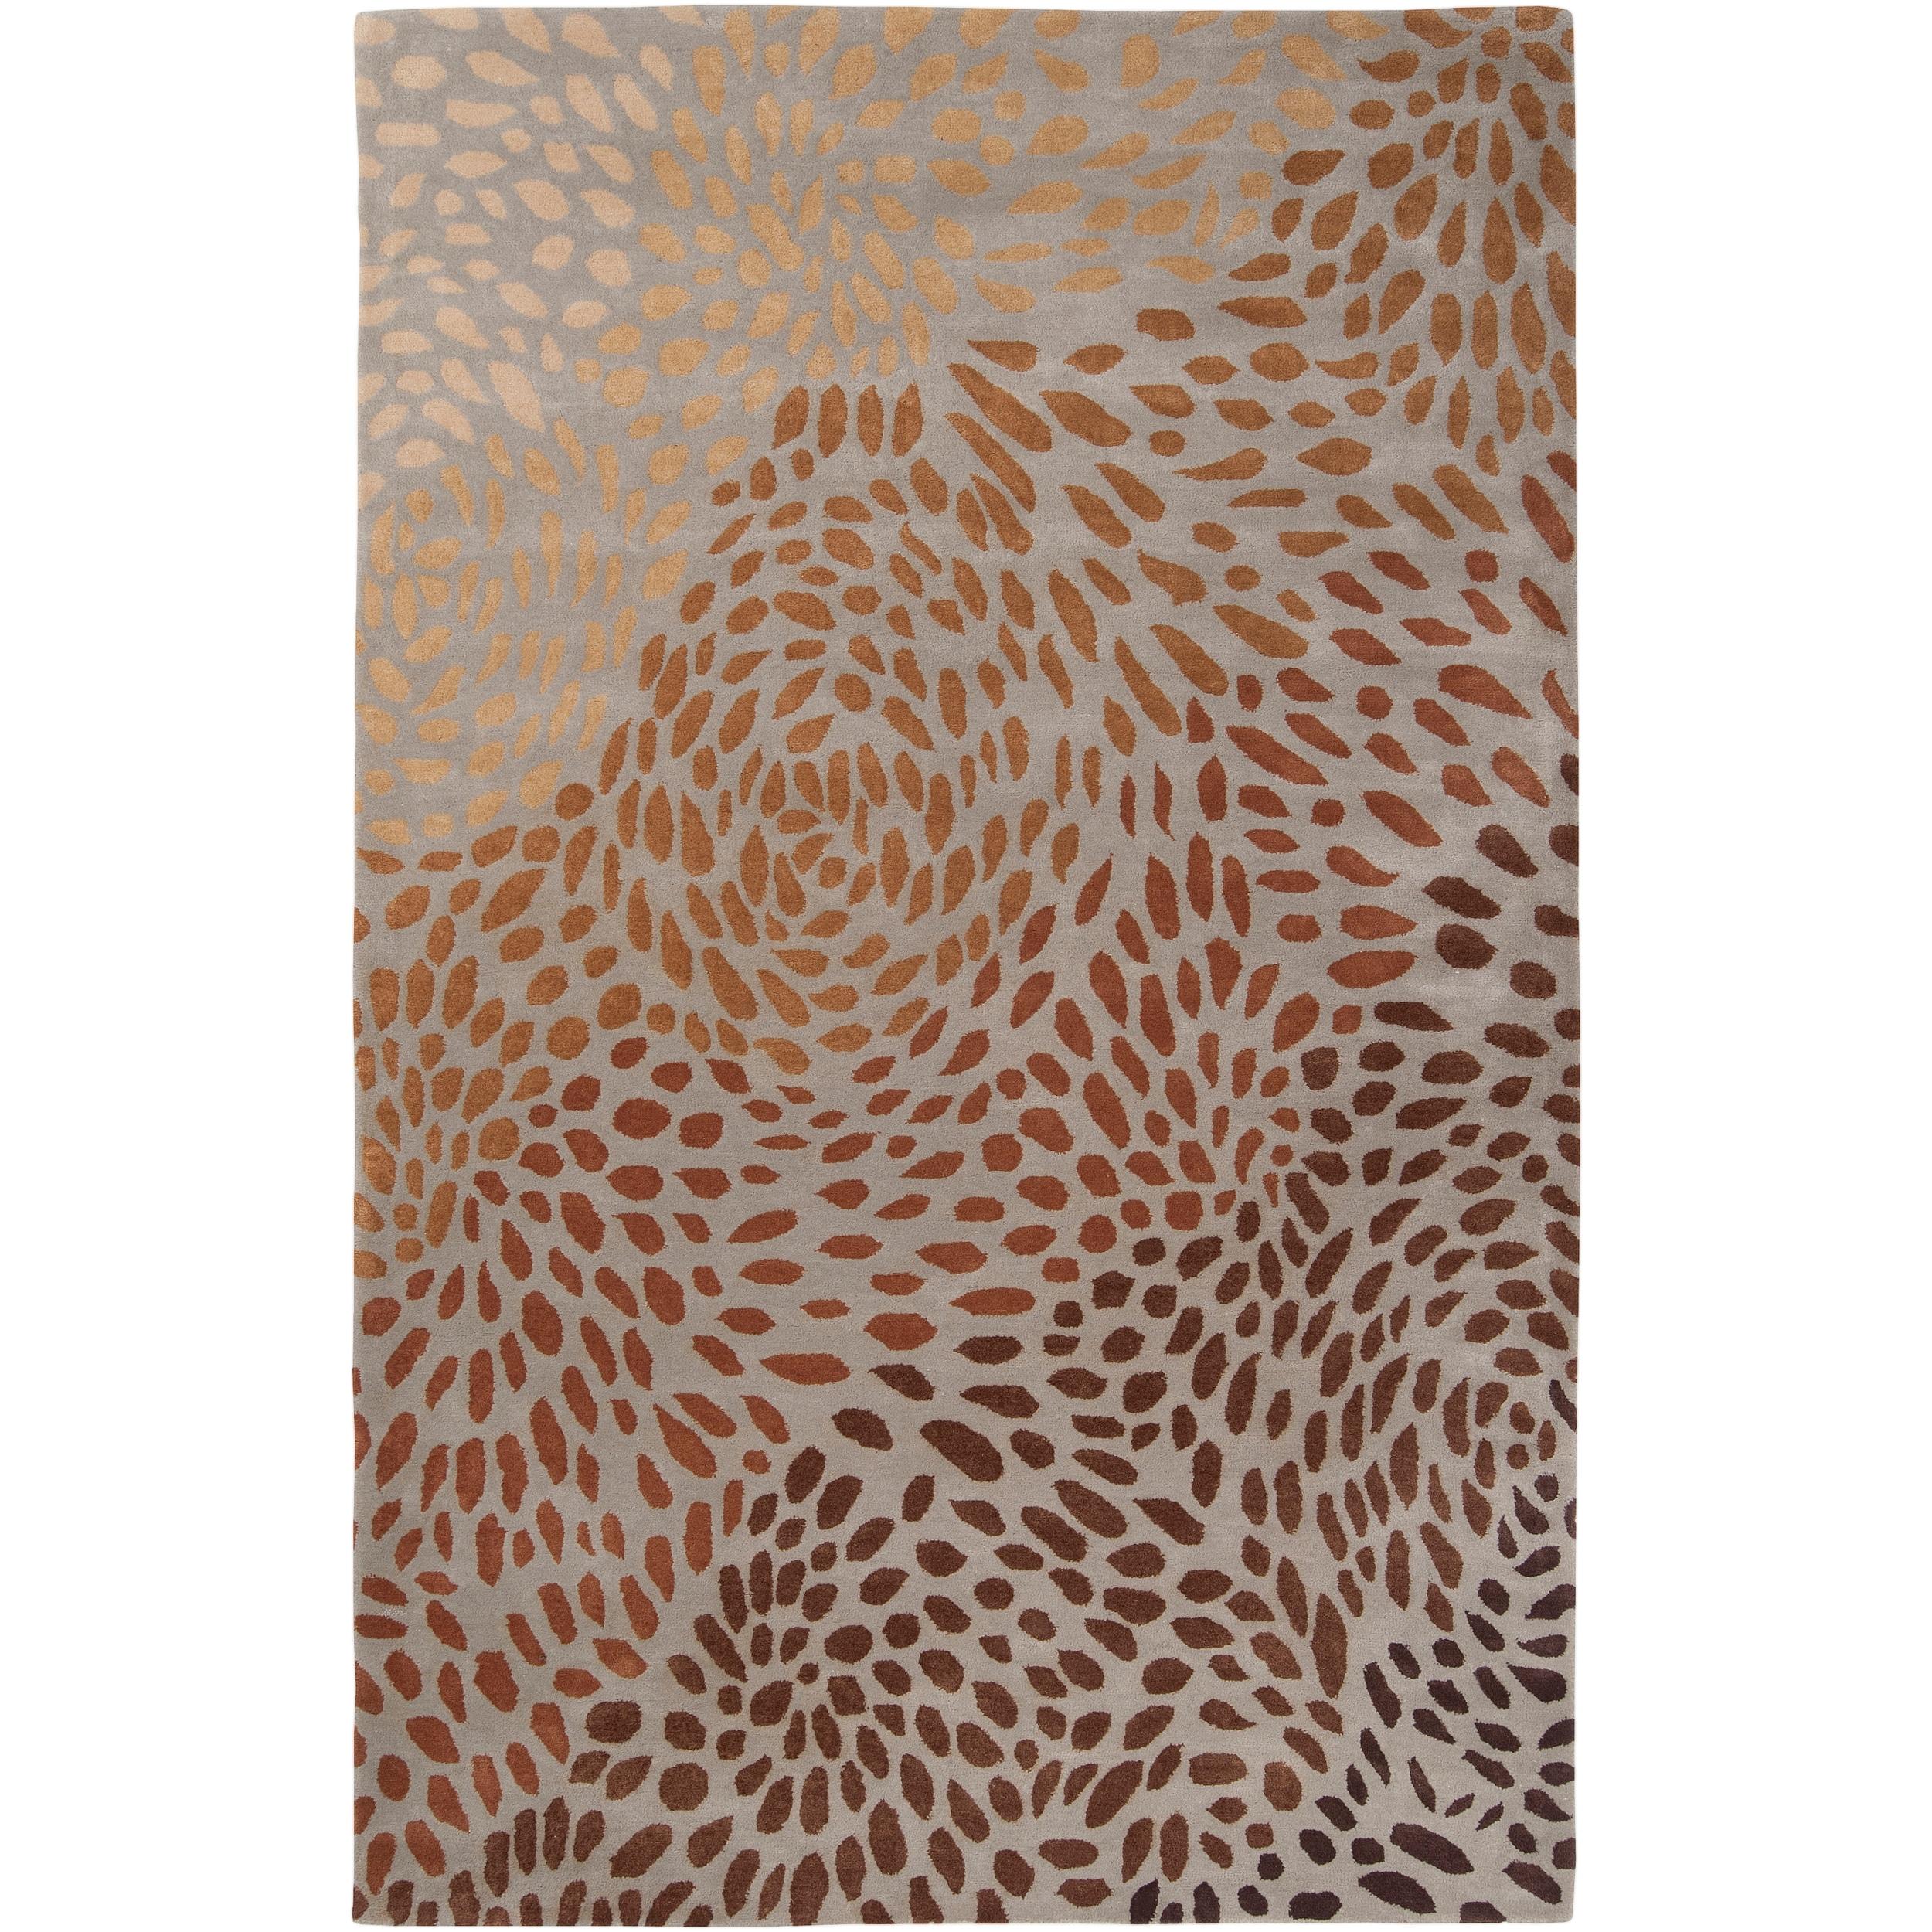 Hand-tufted Tan Allodox New Zealand Wool Rug (3'3 x 5'3)